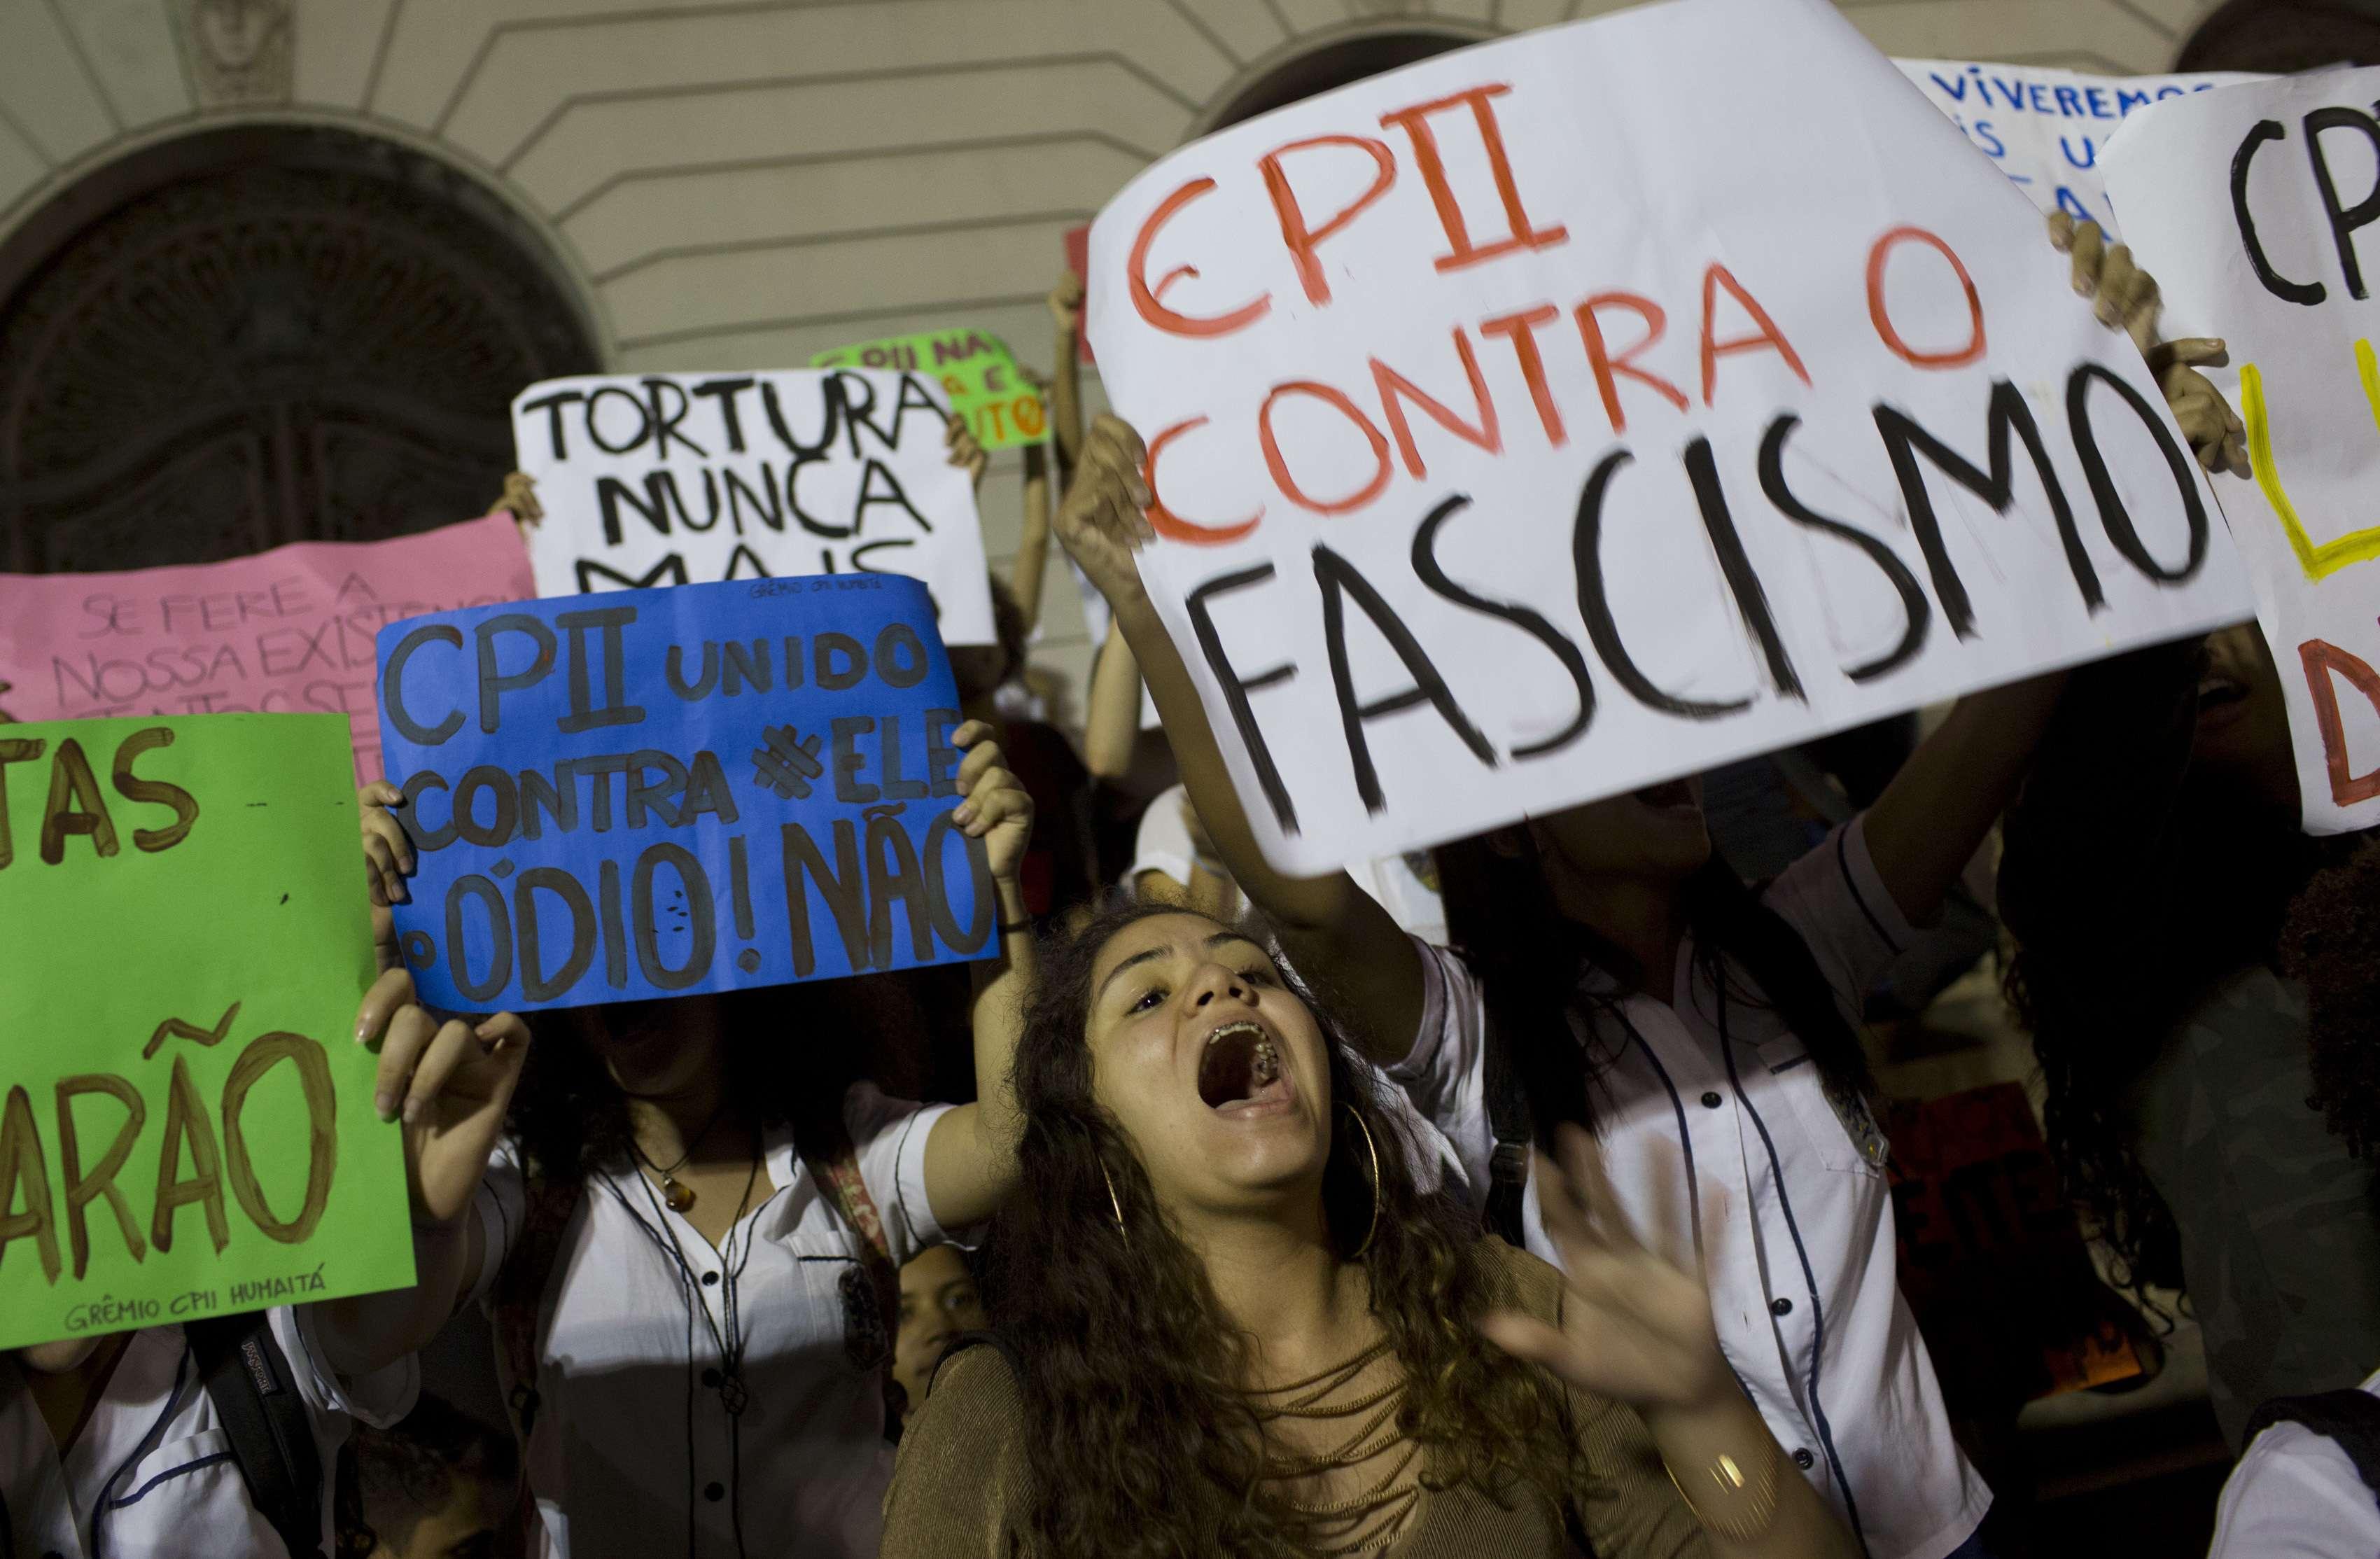 Des étudiants manifestent contre le président élu Jair Bolsonaro sur la place Cinelandia à Rio de Janeiro, au Brésil, le mardi 30 octobre 2018.